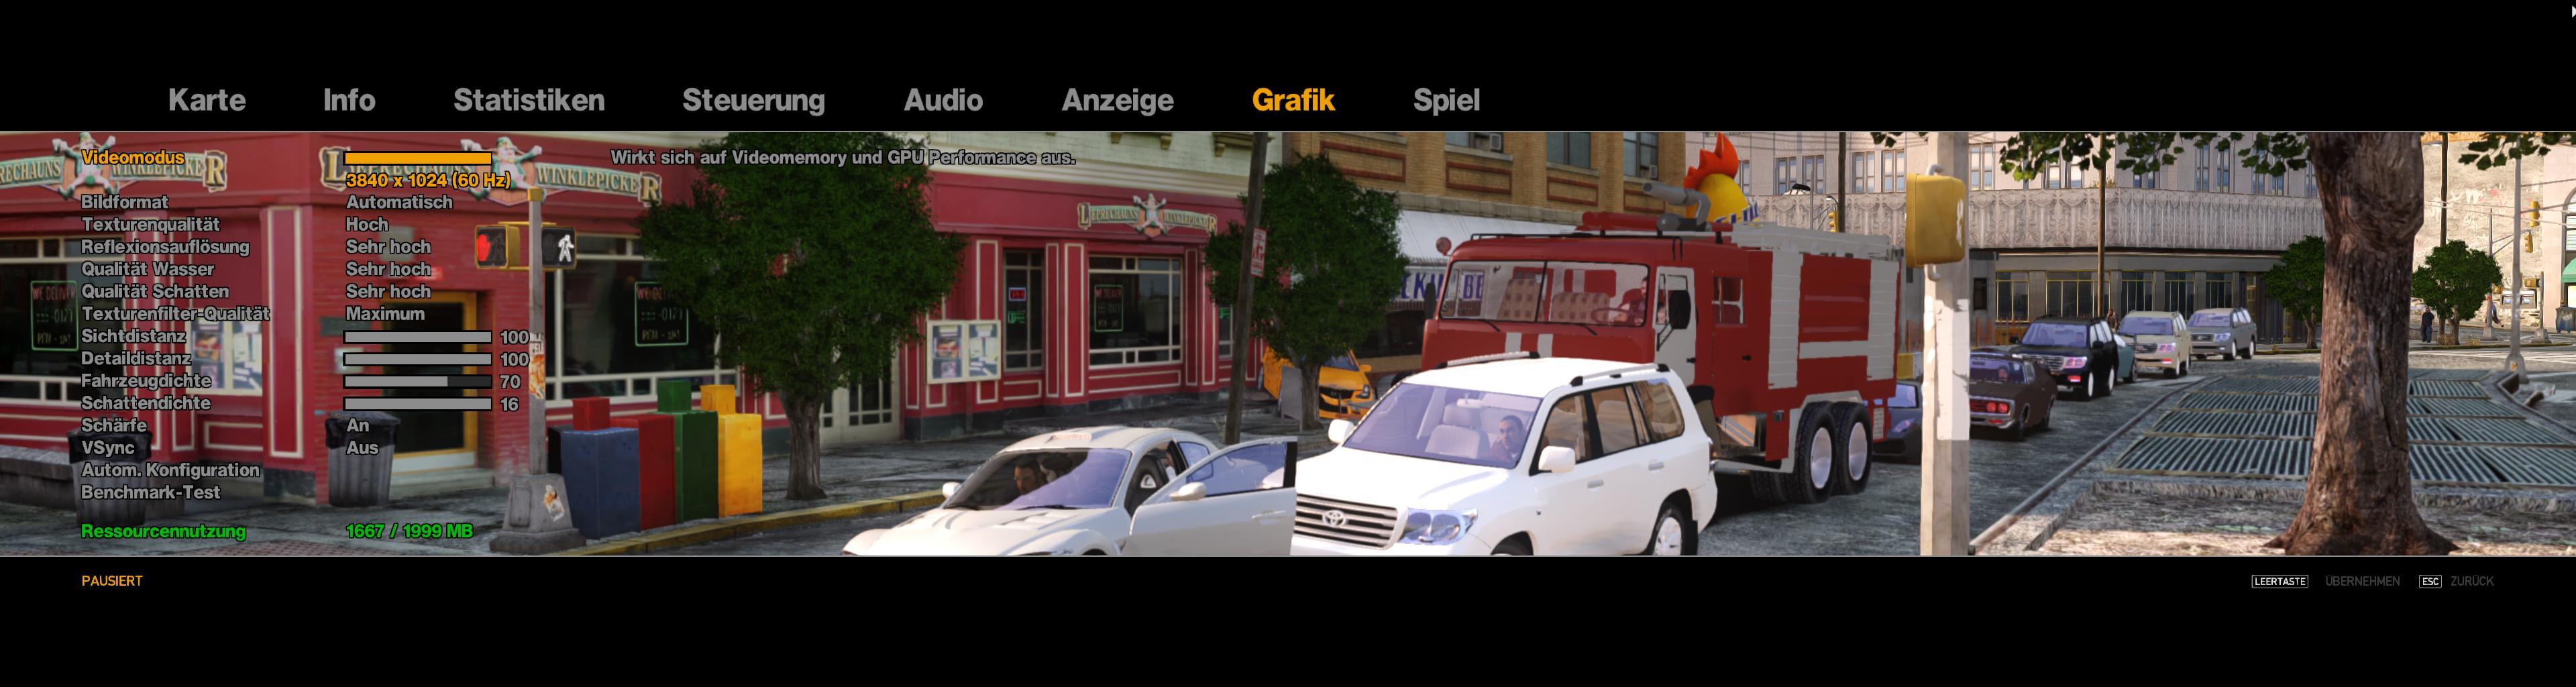 GTAIV 2012-02-11 19-56-53-54.jpg